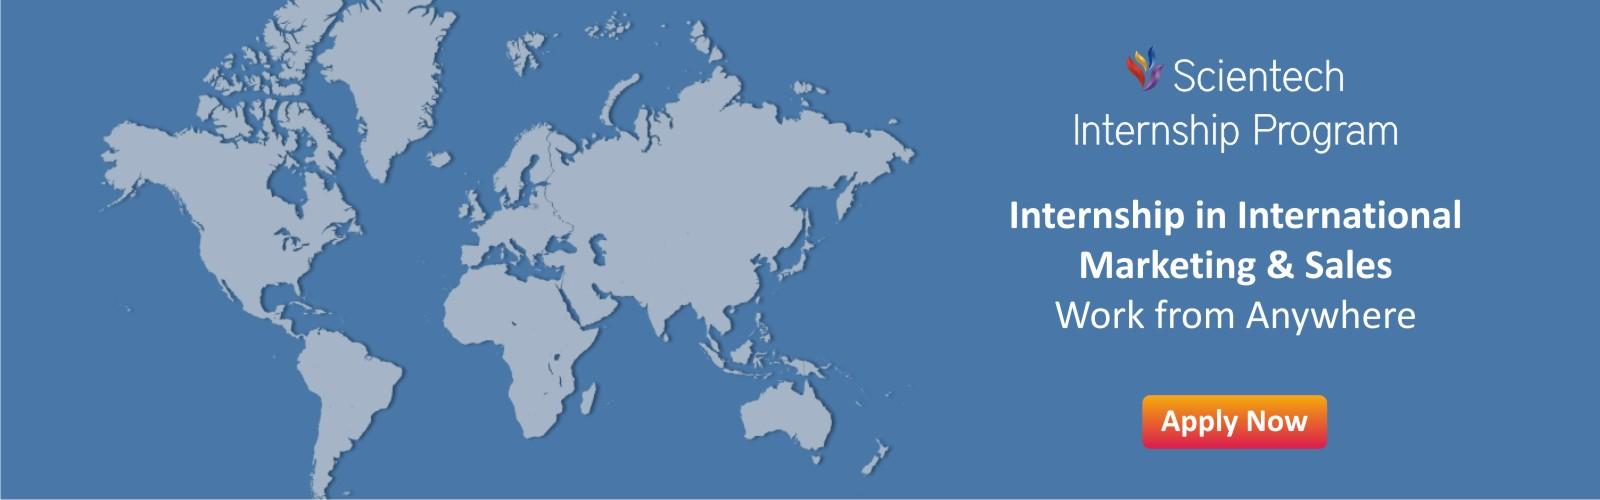 Scientech Technologies International Internship